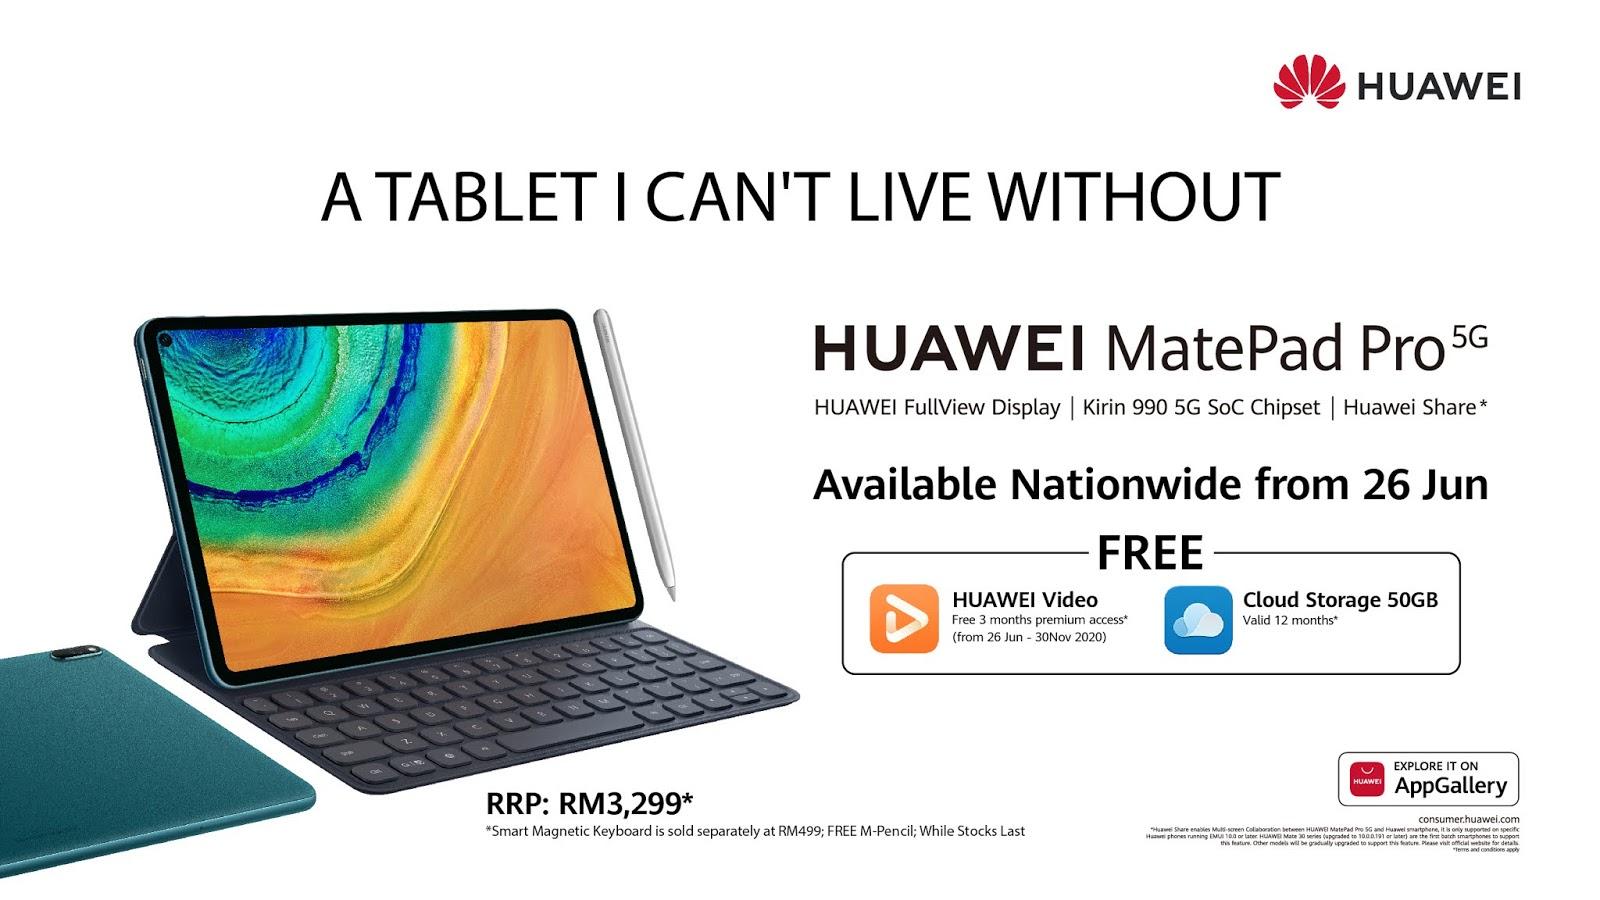 Huawei MatePad Pro 5G in Malaysia